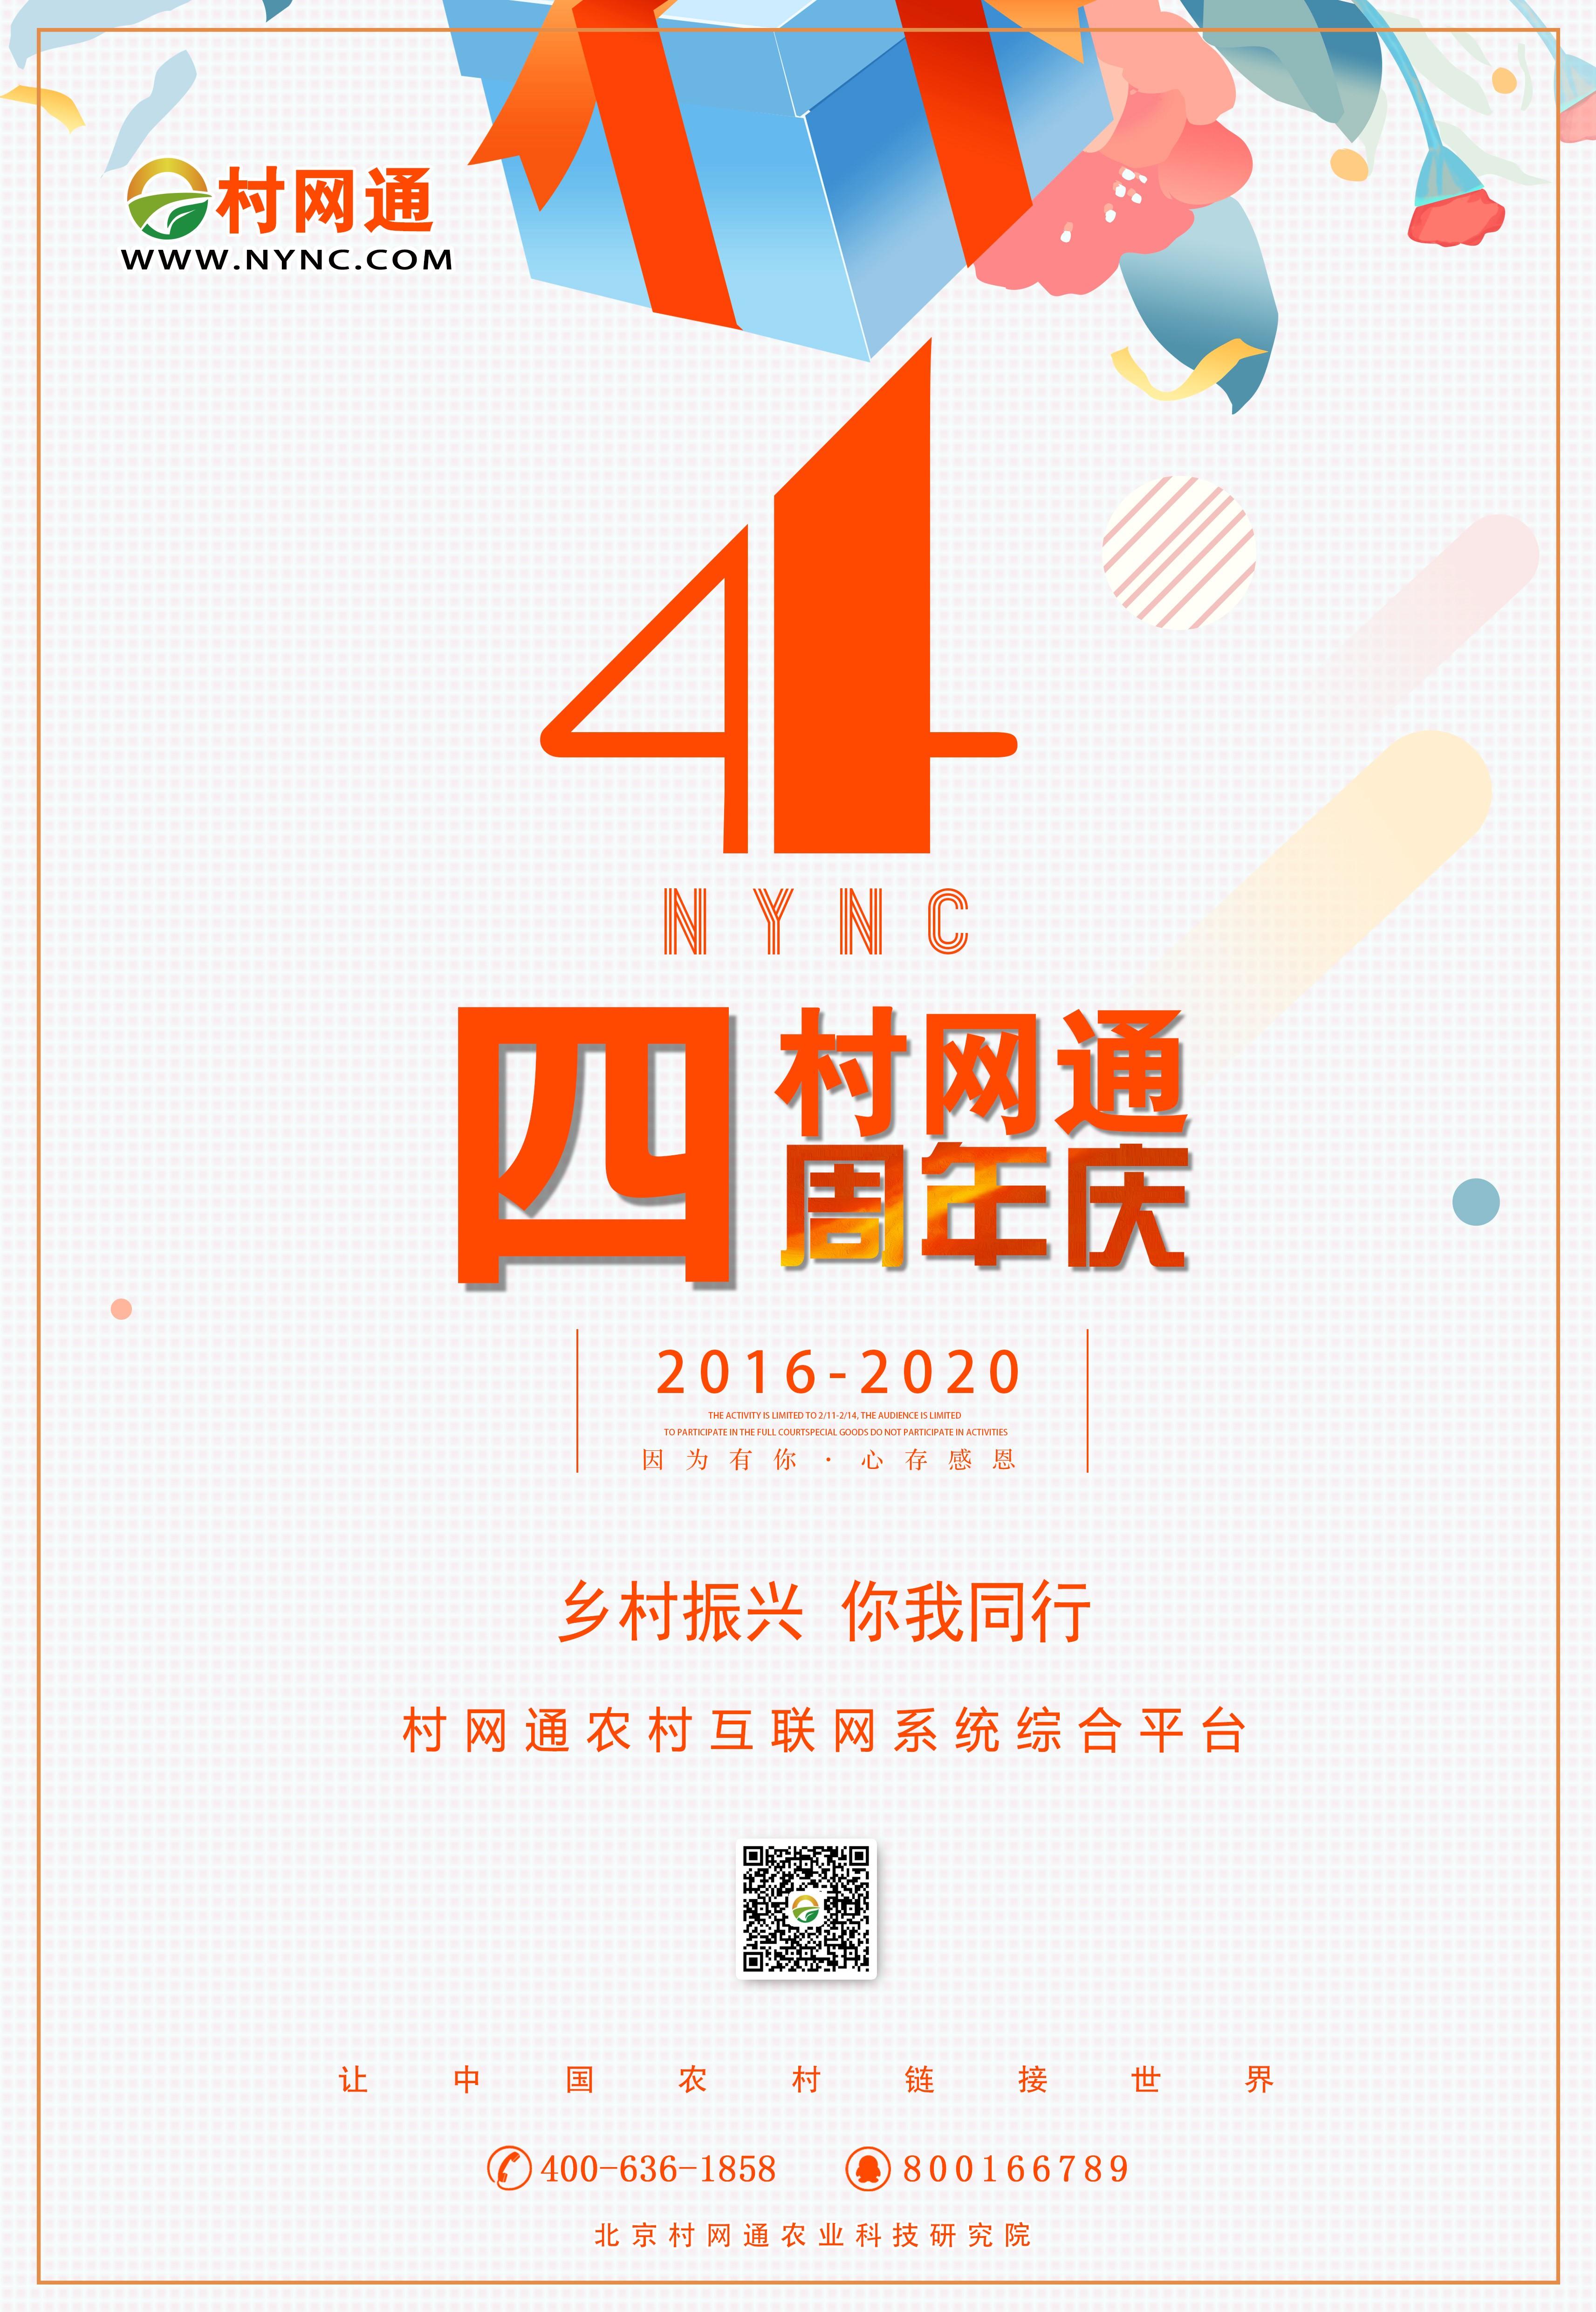 村网通四周年专题宣传海报